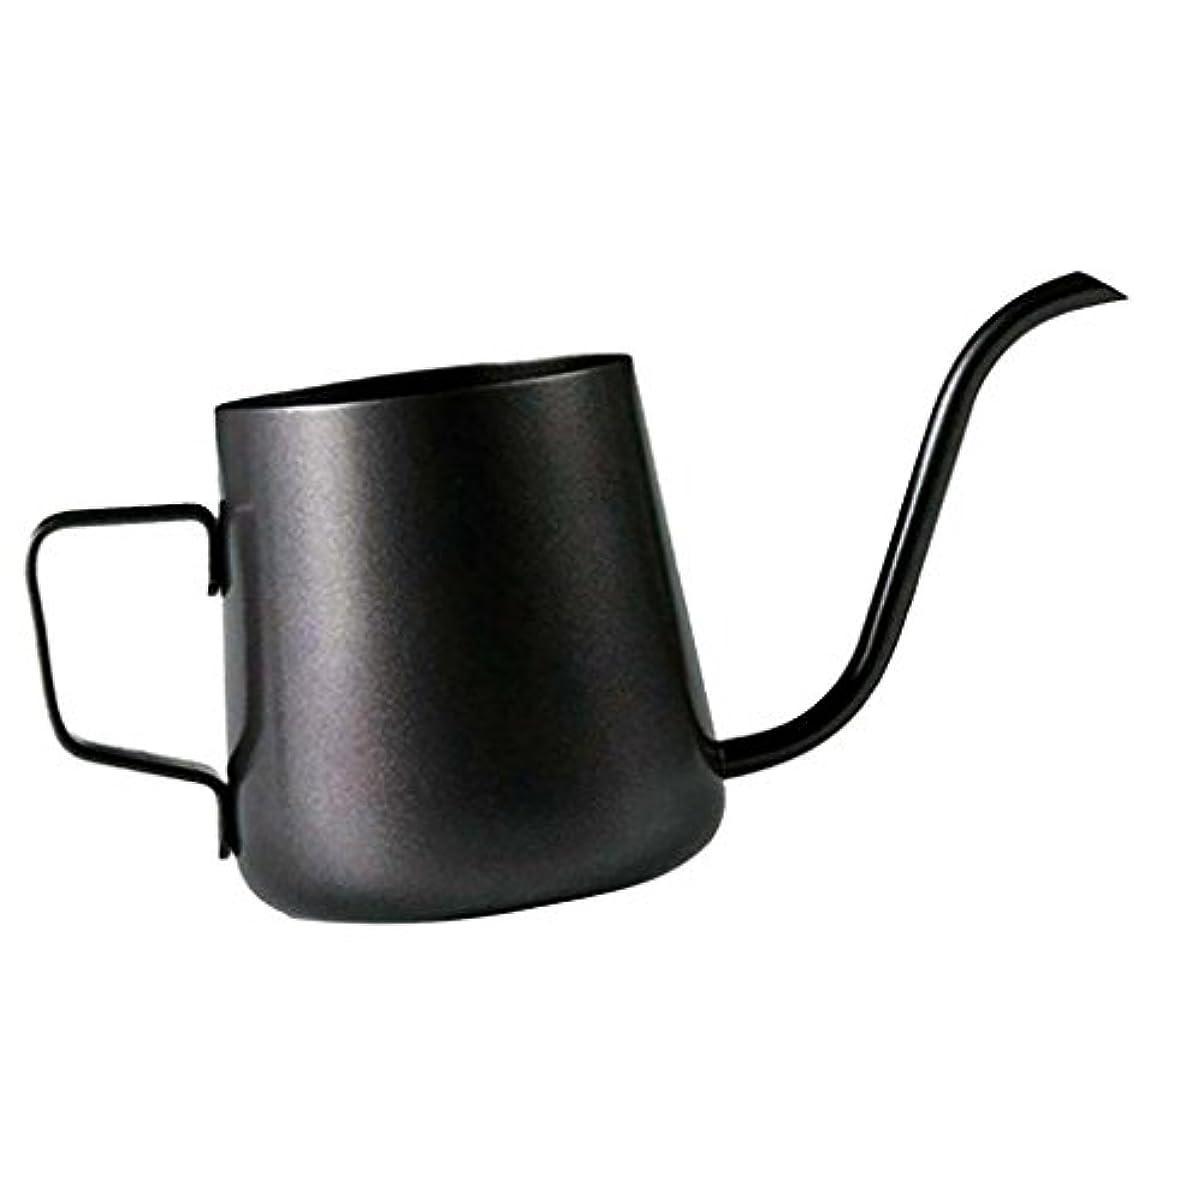 戦いベアリング最も早いHomeland コーヒーポット お茶などにも対応 クッキング用品 ステンレス製 エスプレッソポット ケトル - ブラック, 250ミリリットル